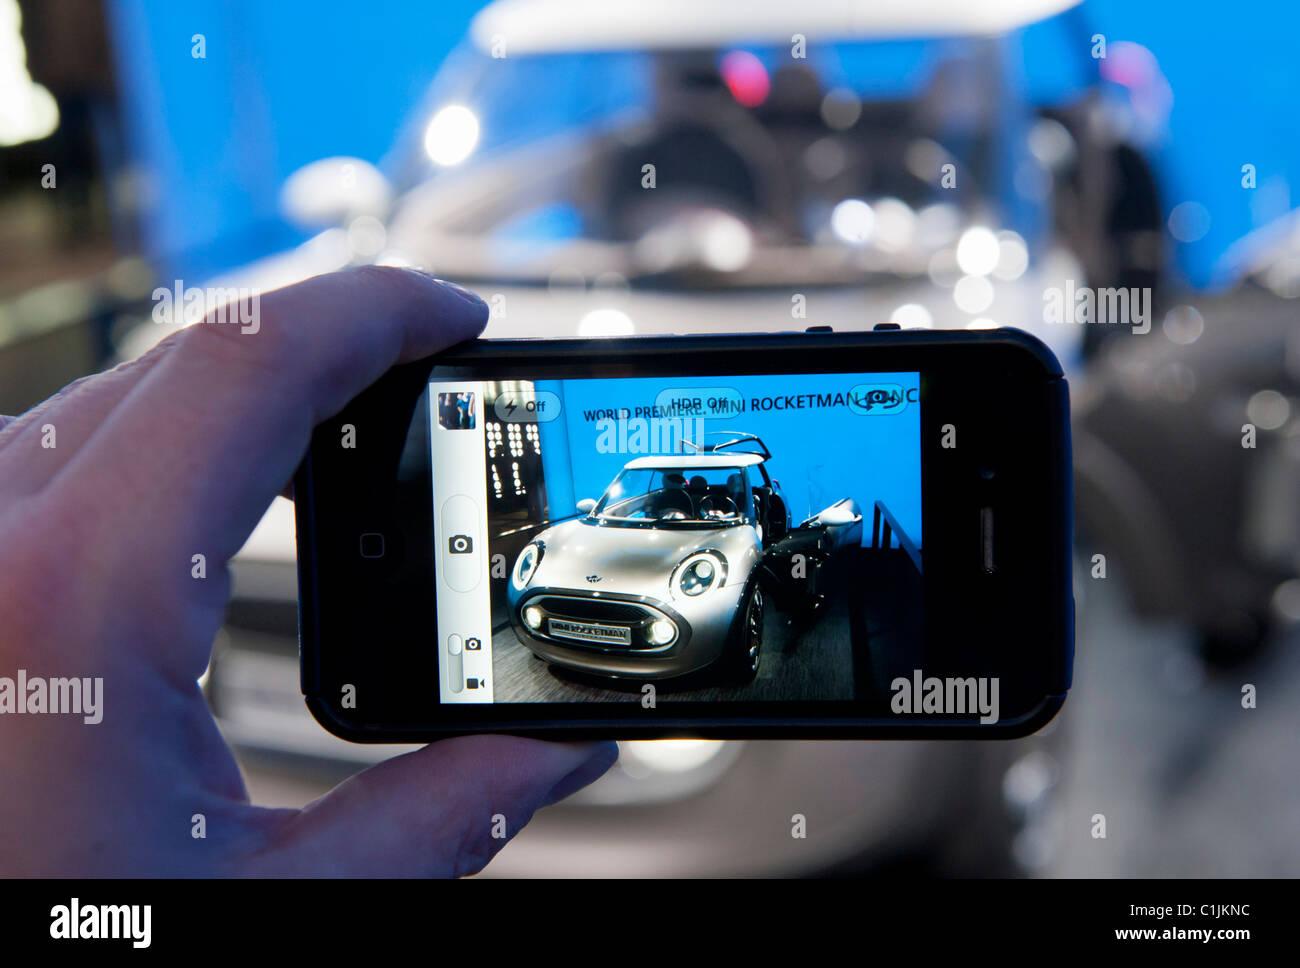 Visiteur photographiant nouvelle Mini Rocketman concept car au Salon de Genève 2011 Suisse Photo Stock